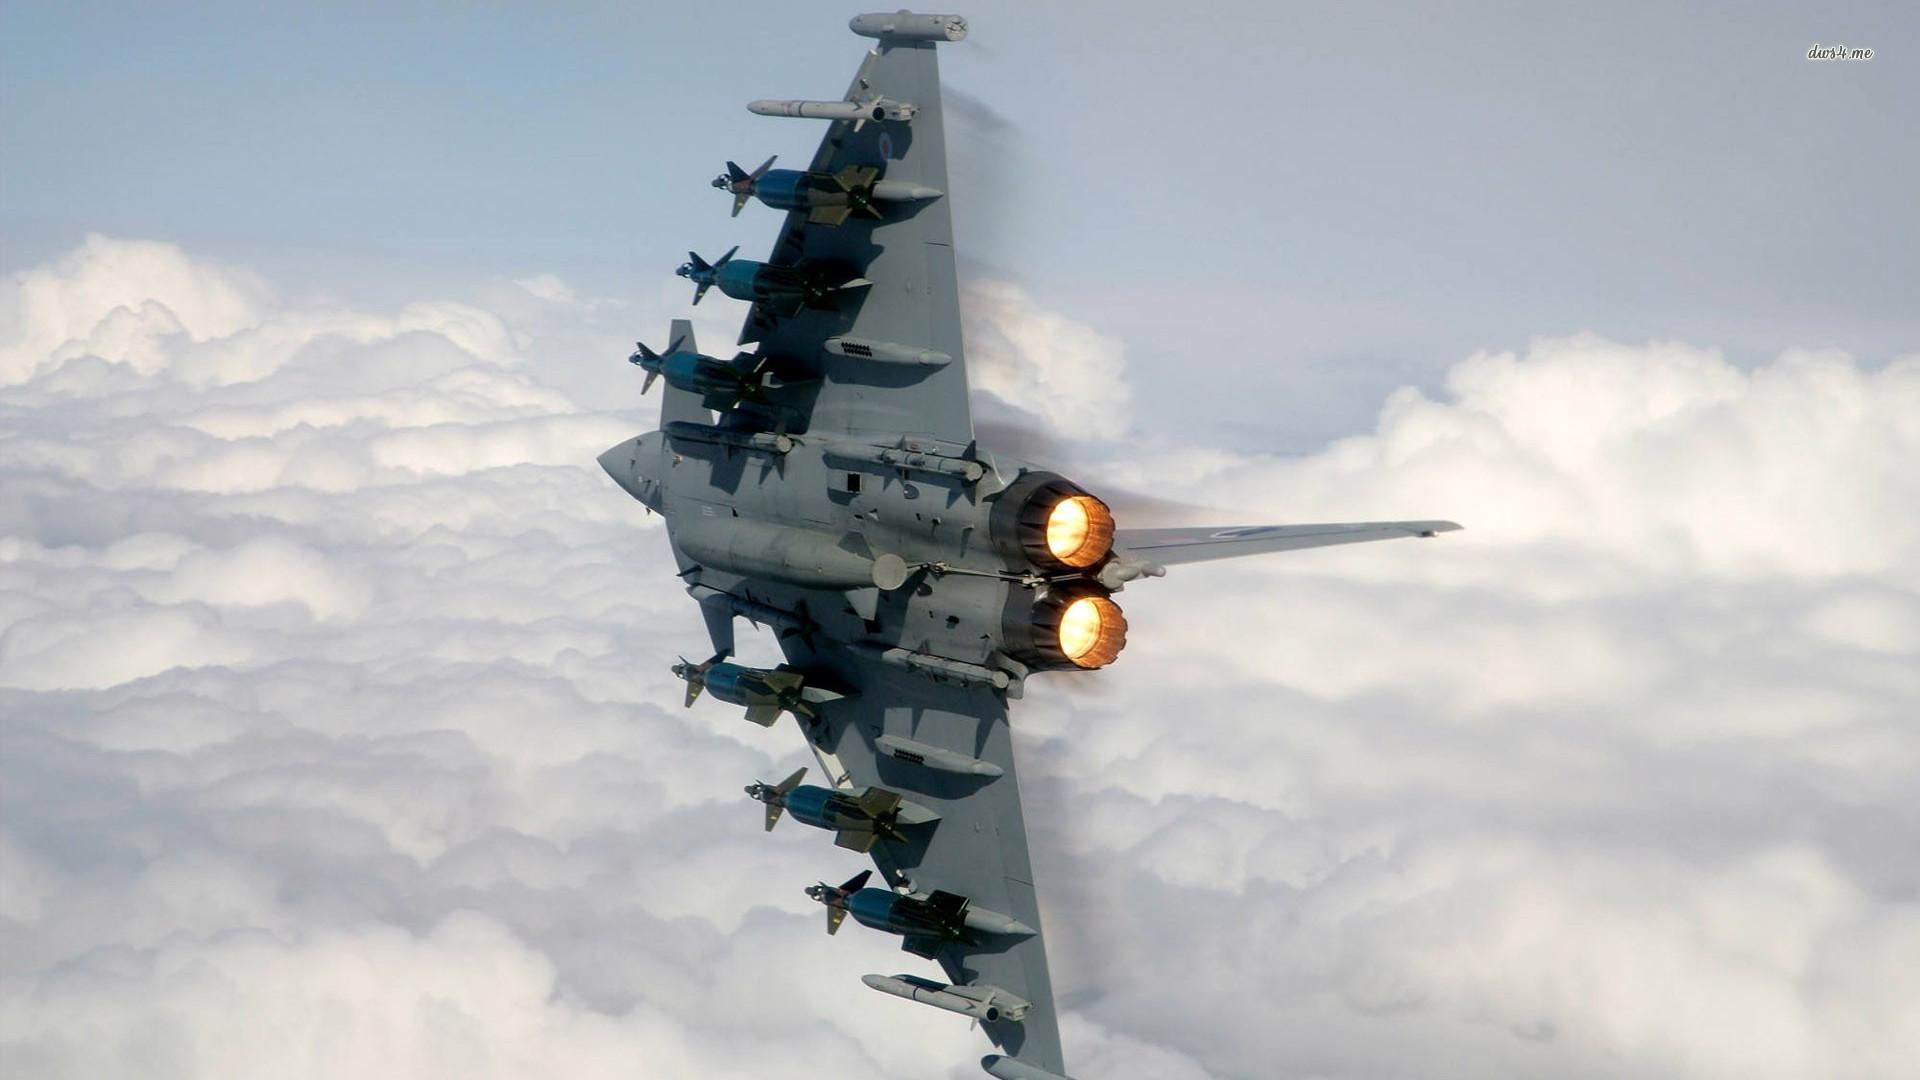 Lockheed Martin F 22 Raptor wallpaper   773471 1920x1080